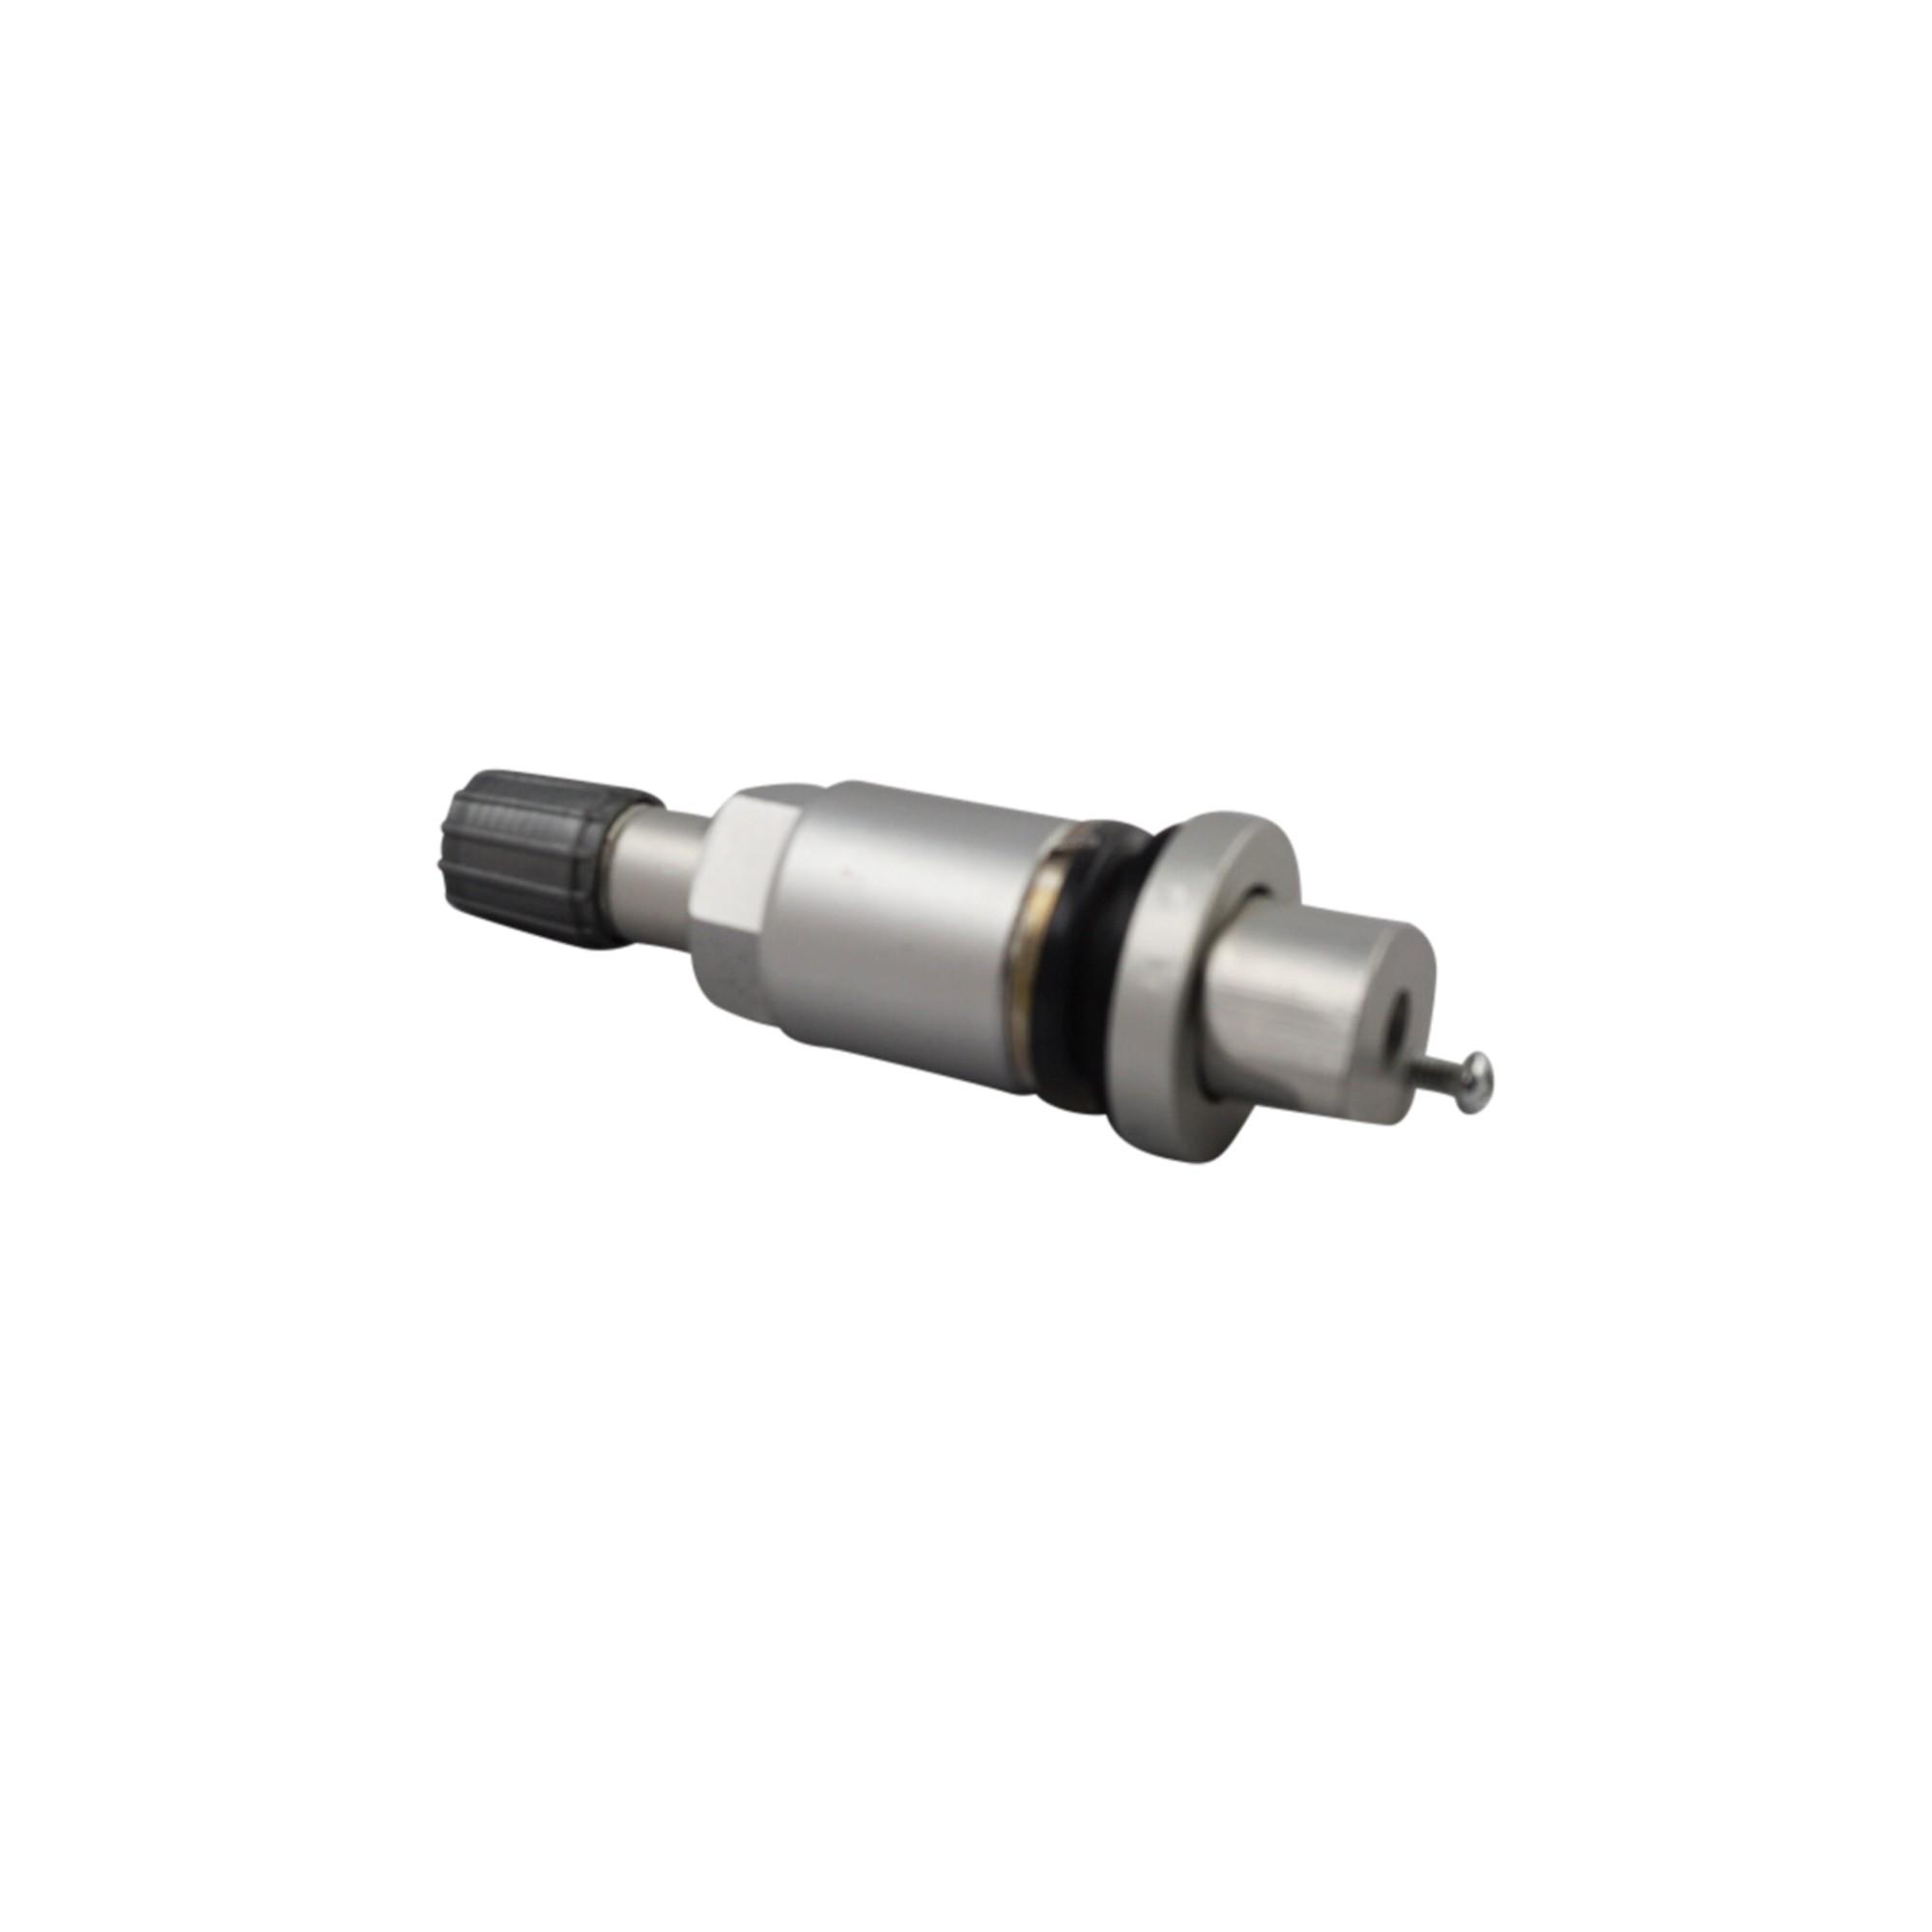 Recambio Valvula Sensor Presi/ón Neum/ático TPMS Lote de 4 Piezas Autoparts